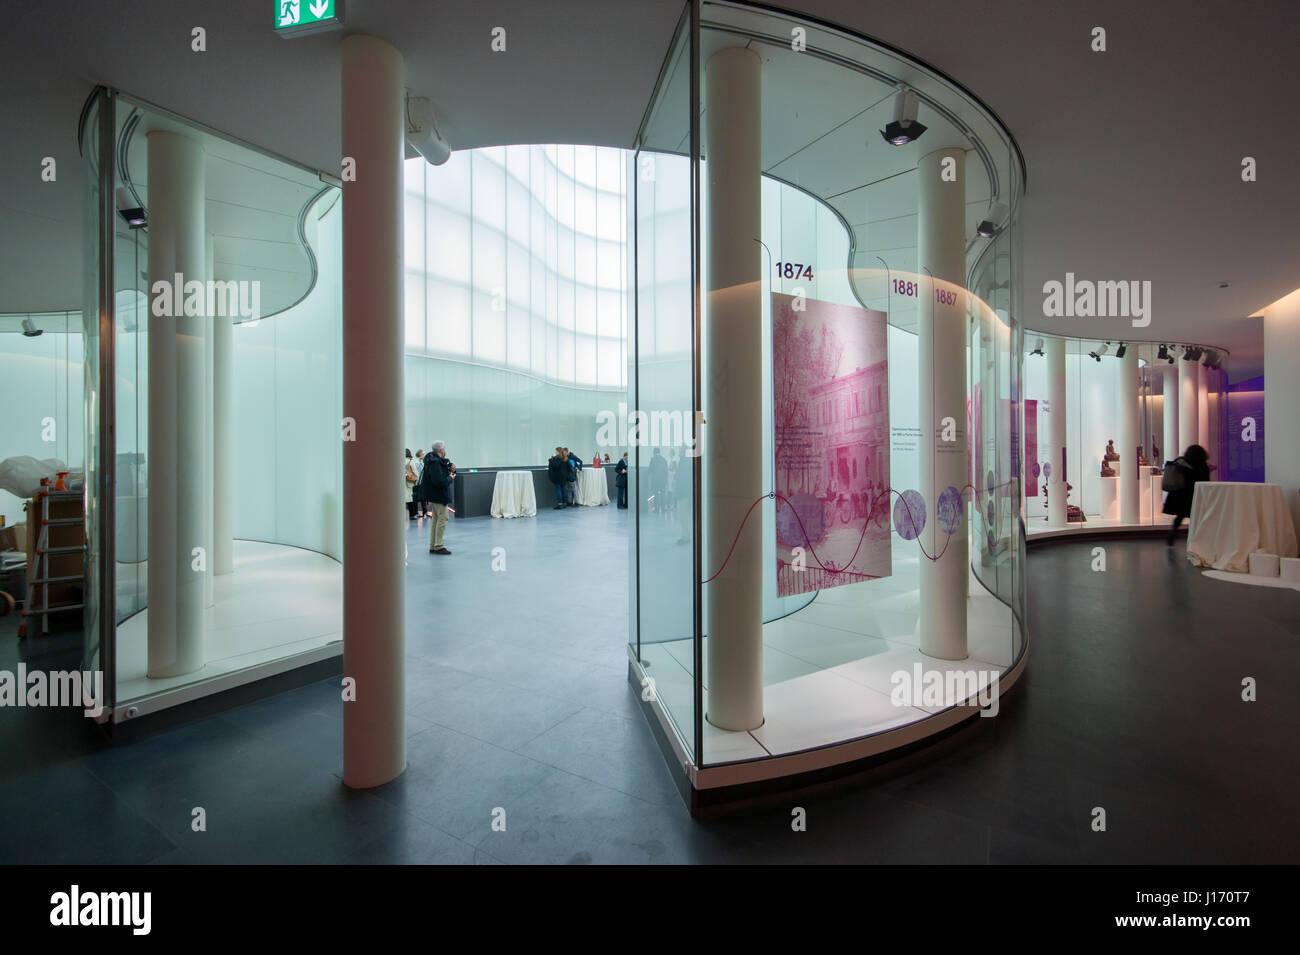 MUDEC - Musée des Cultures à Milan, conçu par David Chipperfield Architects - couverts plaza et murs Photo Stock